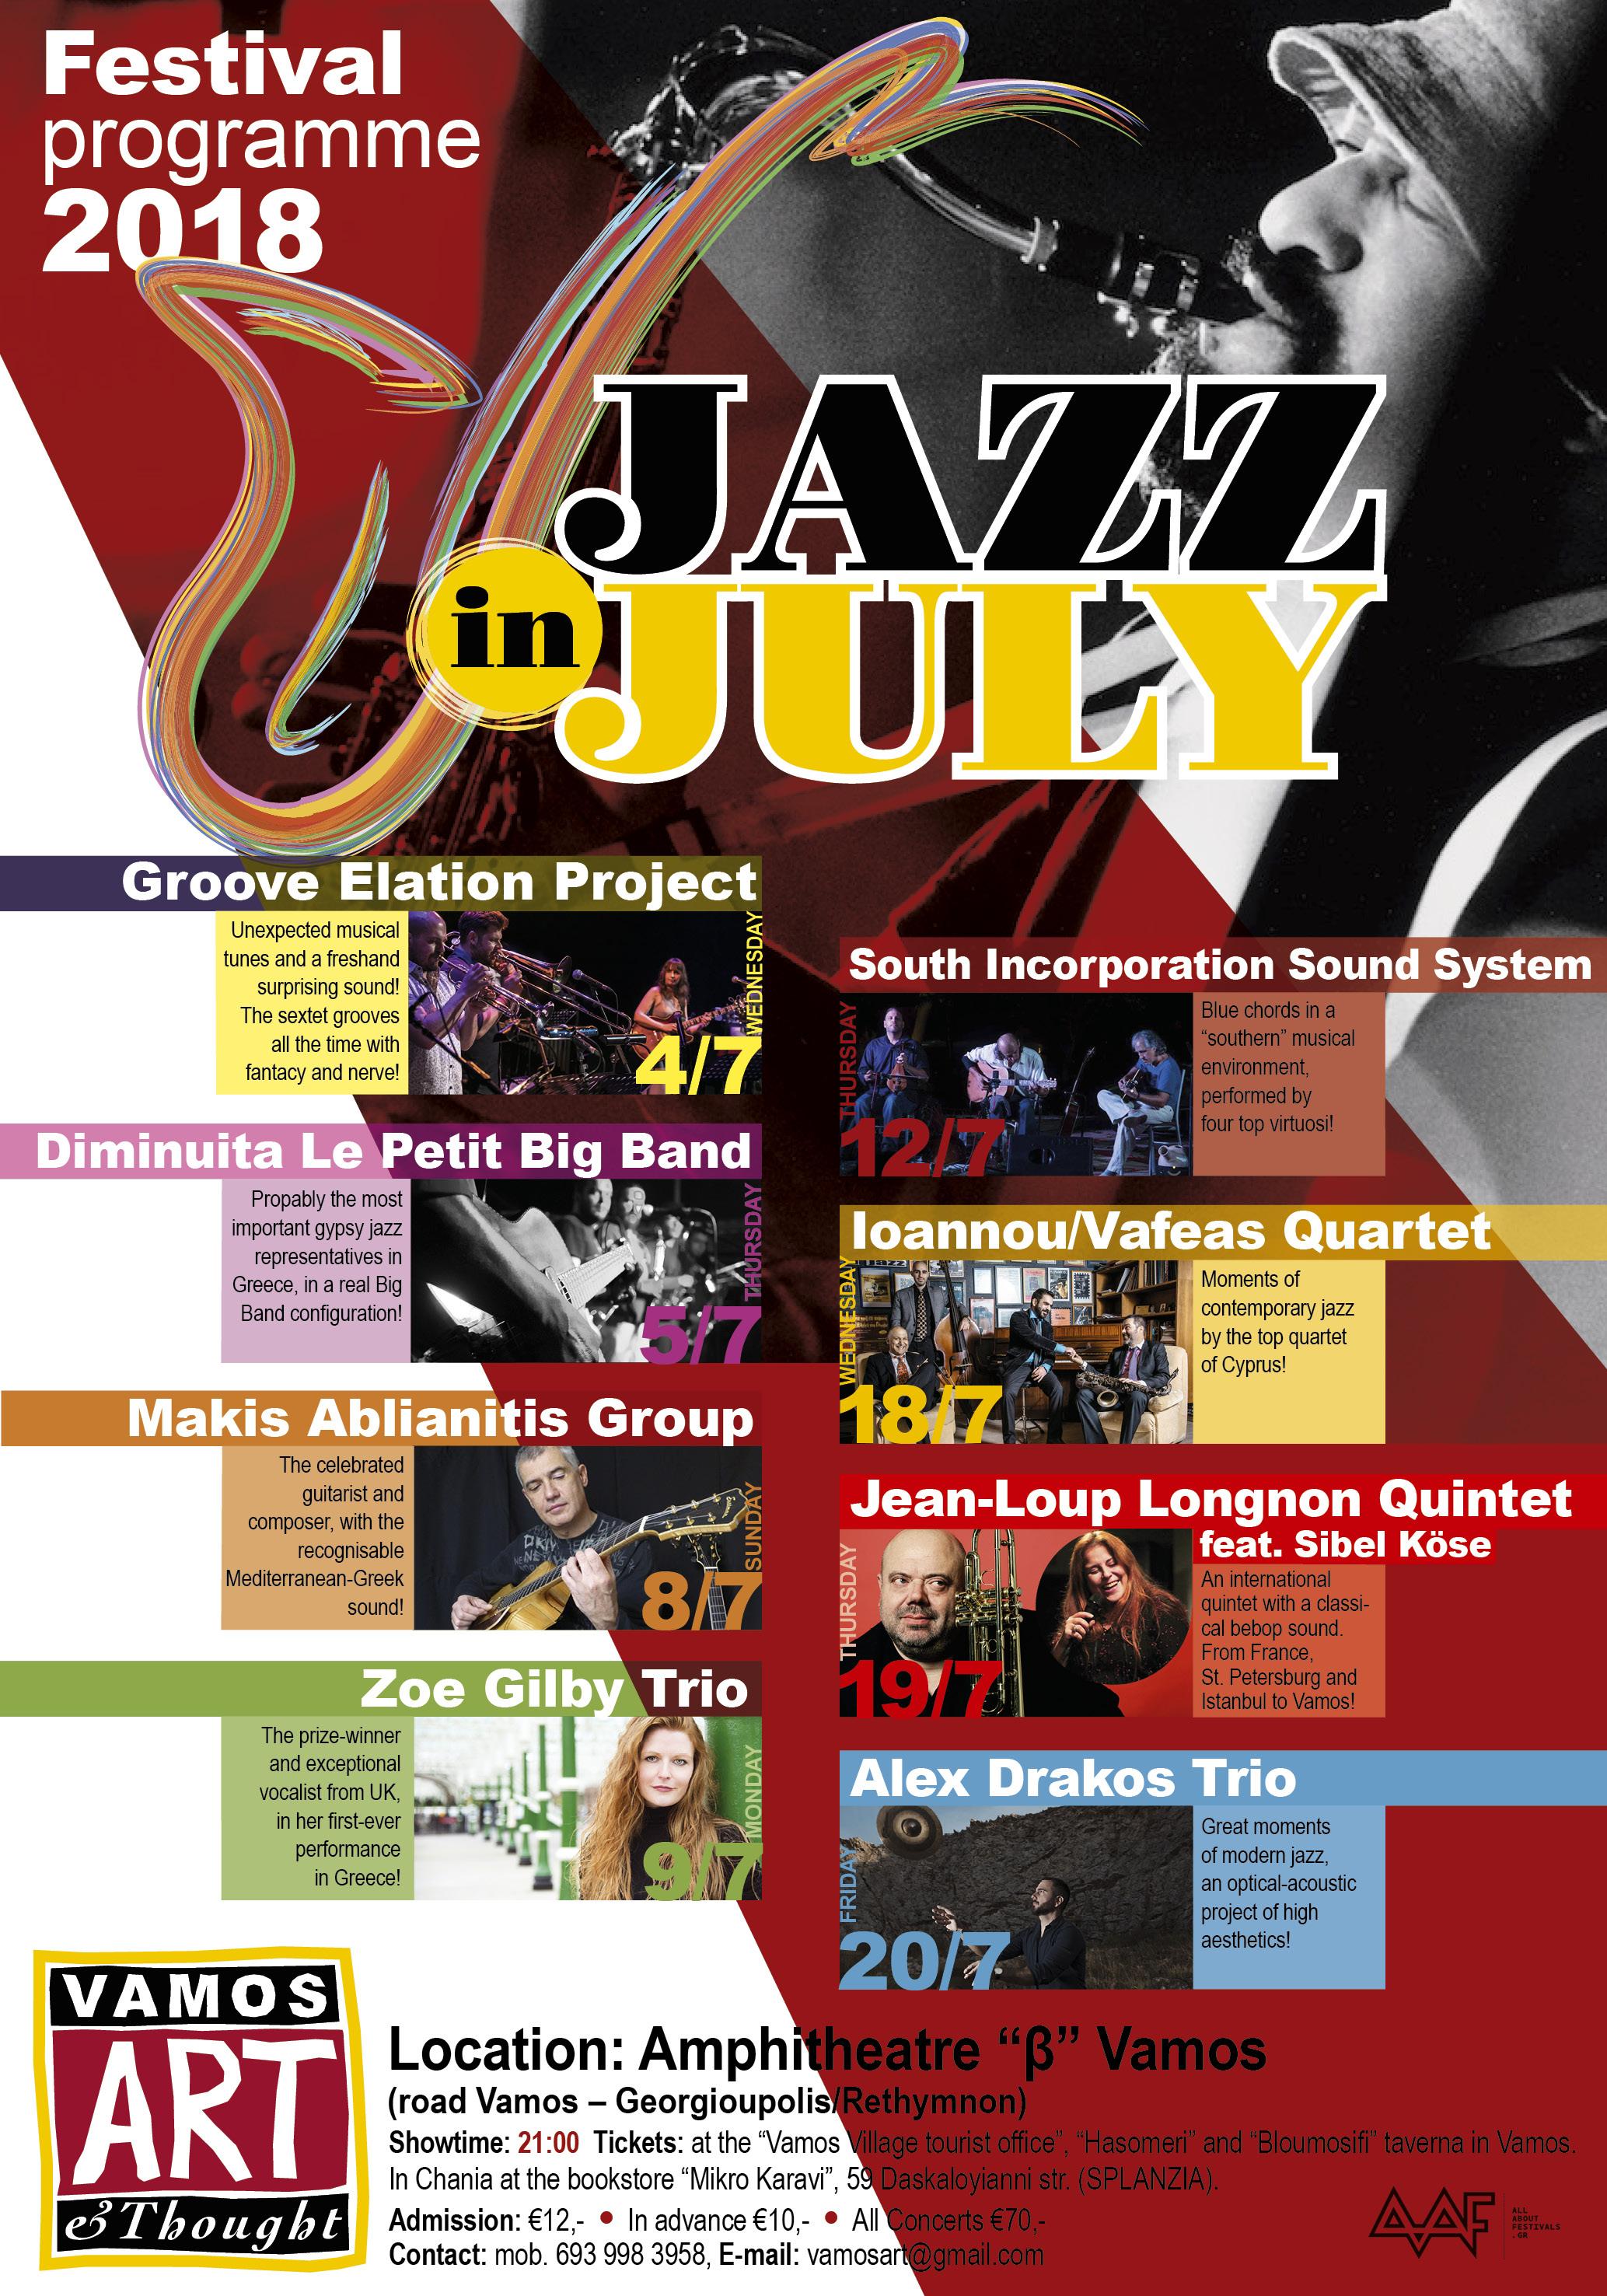 Jazz in July - Programme 2018[7445].jpg